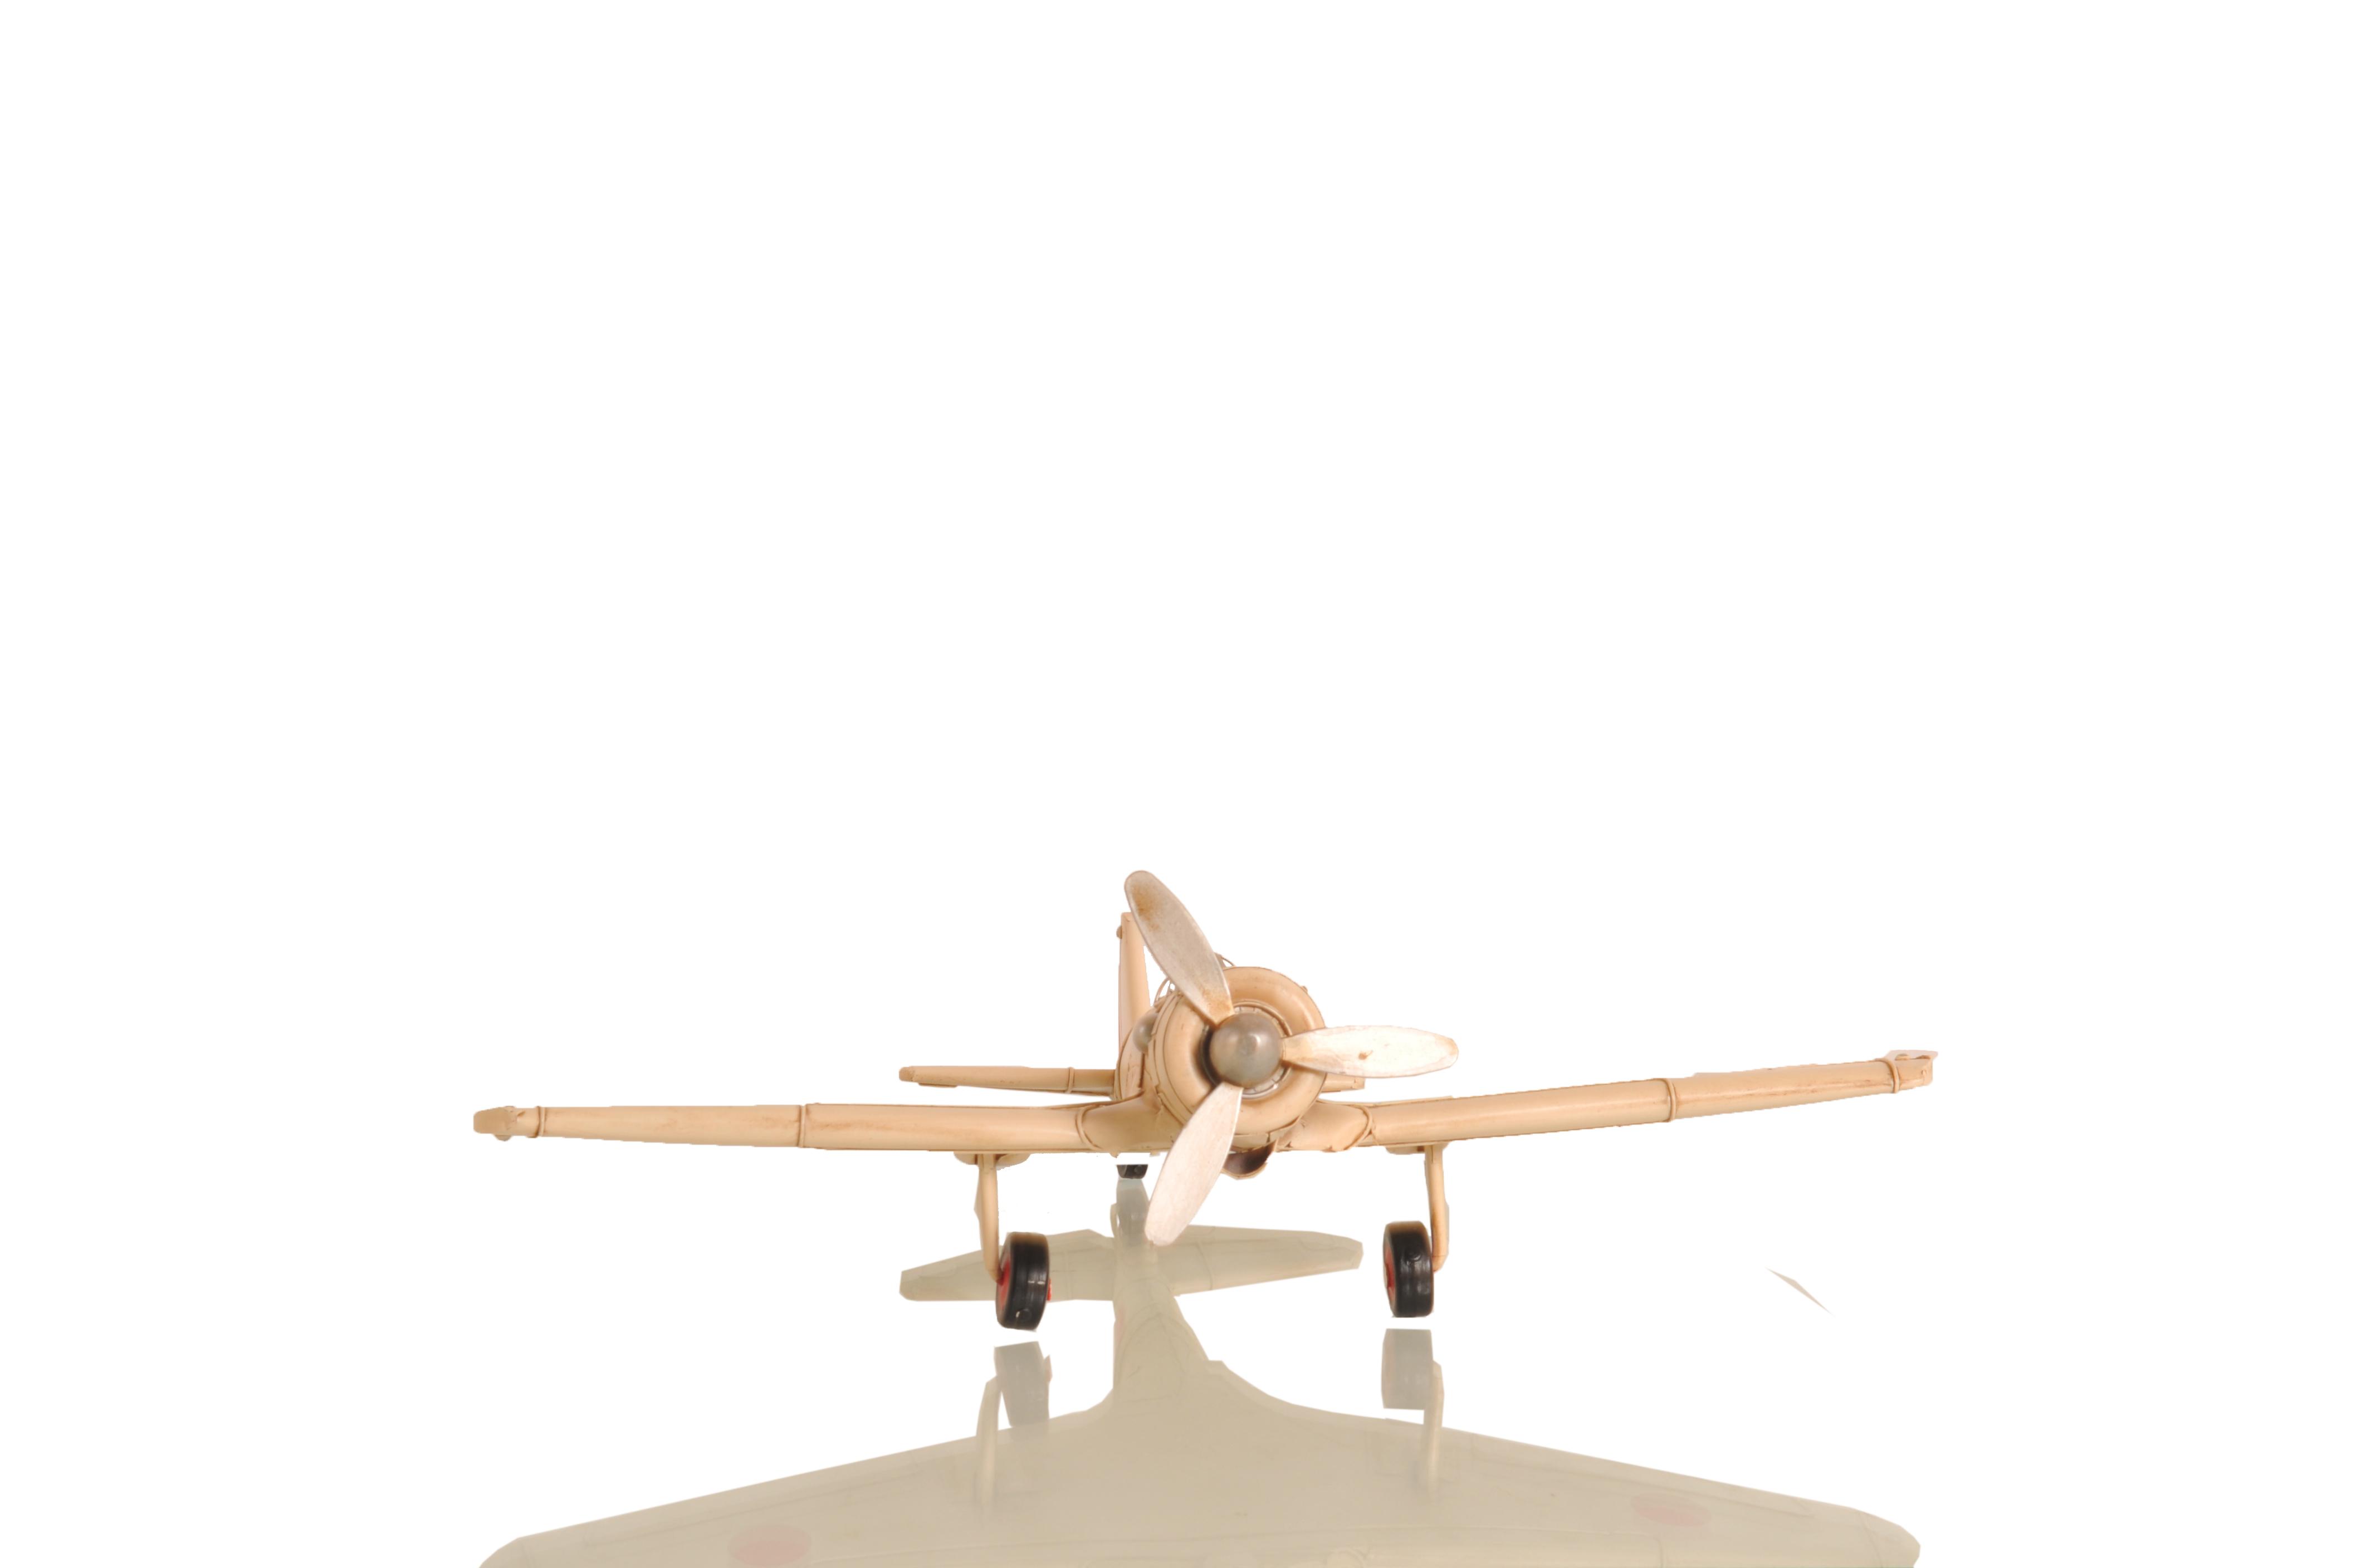 1943 Nakajima Ki-43 Oscar Fighter